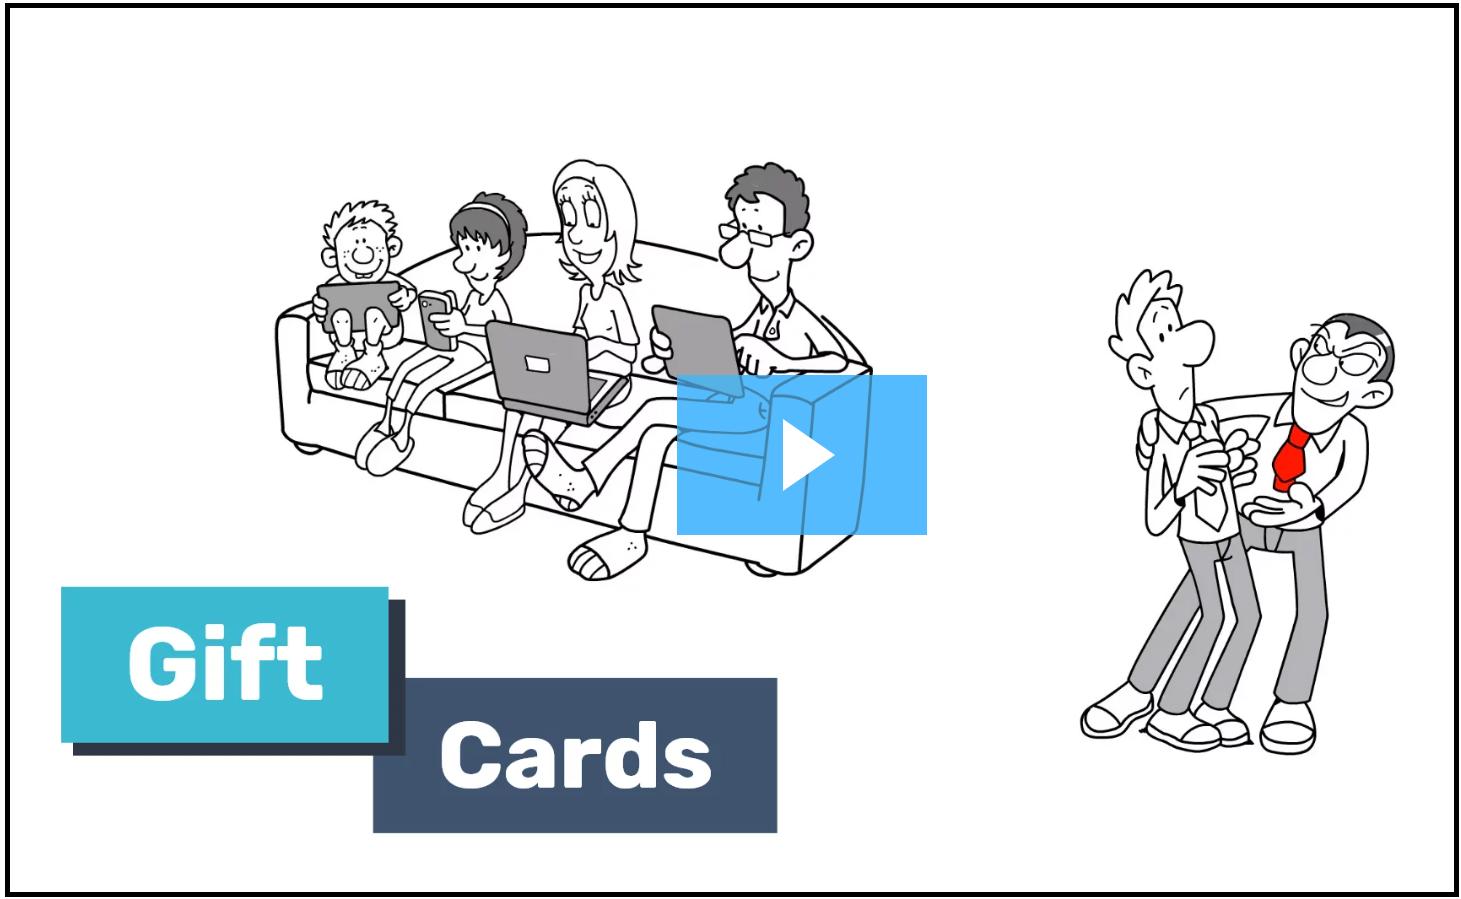 Gift Card Security Awareness Training